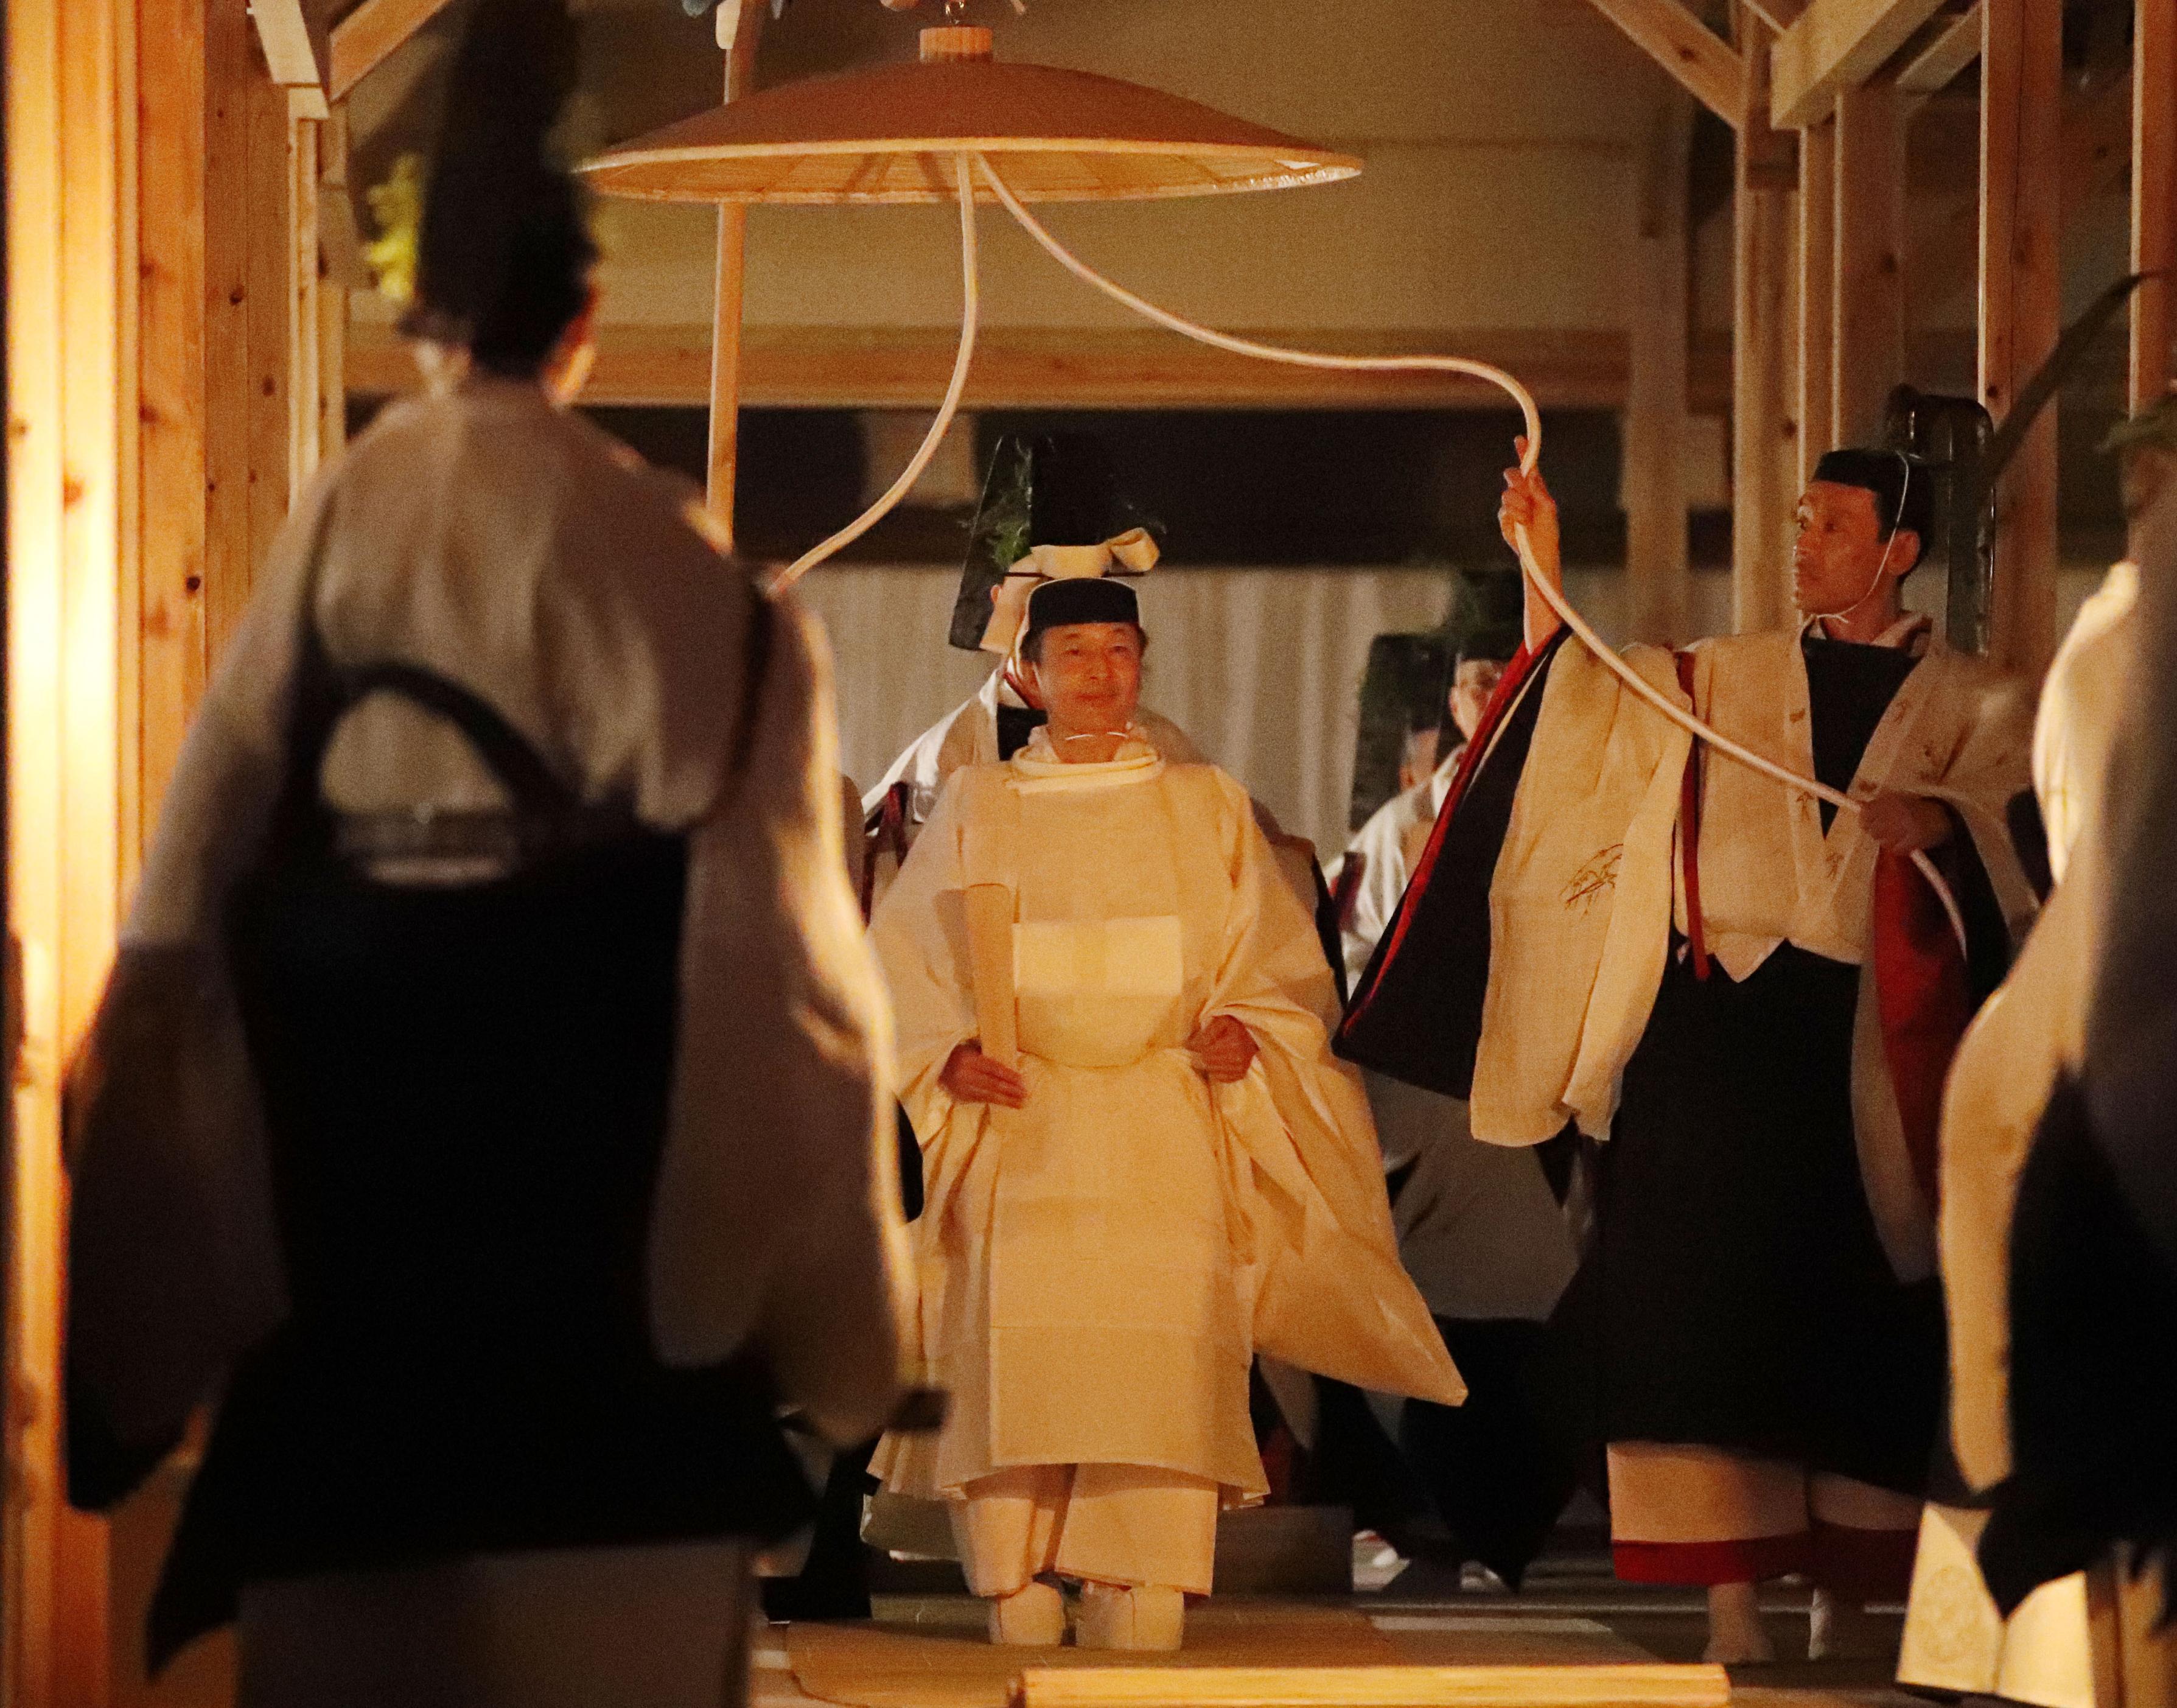 日皇德仁登基儀式之一大嘗祭在皇居東御苑新建的大嘗宮舉行。AP